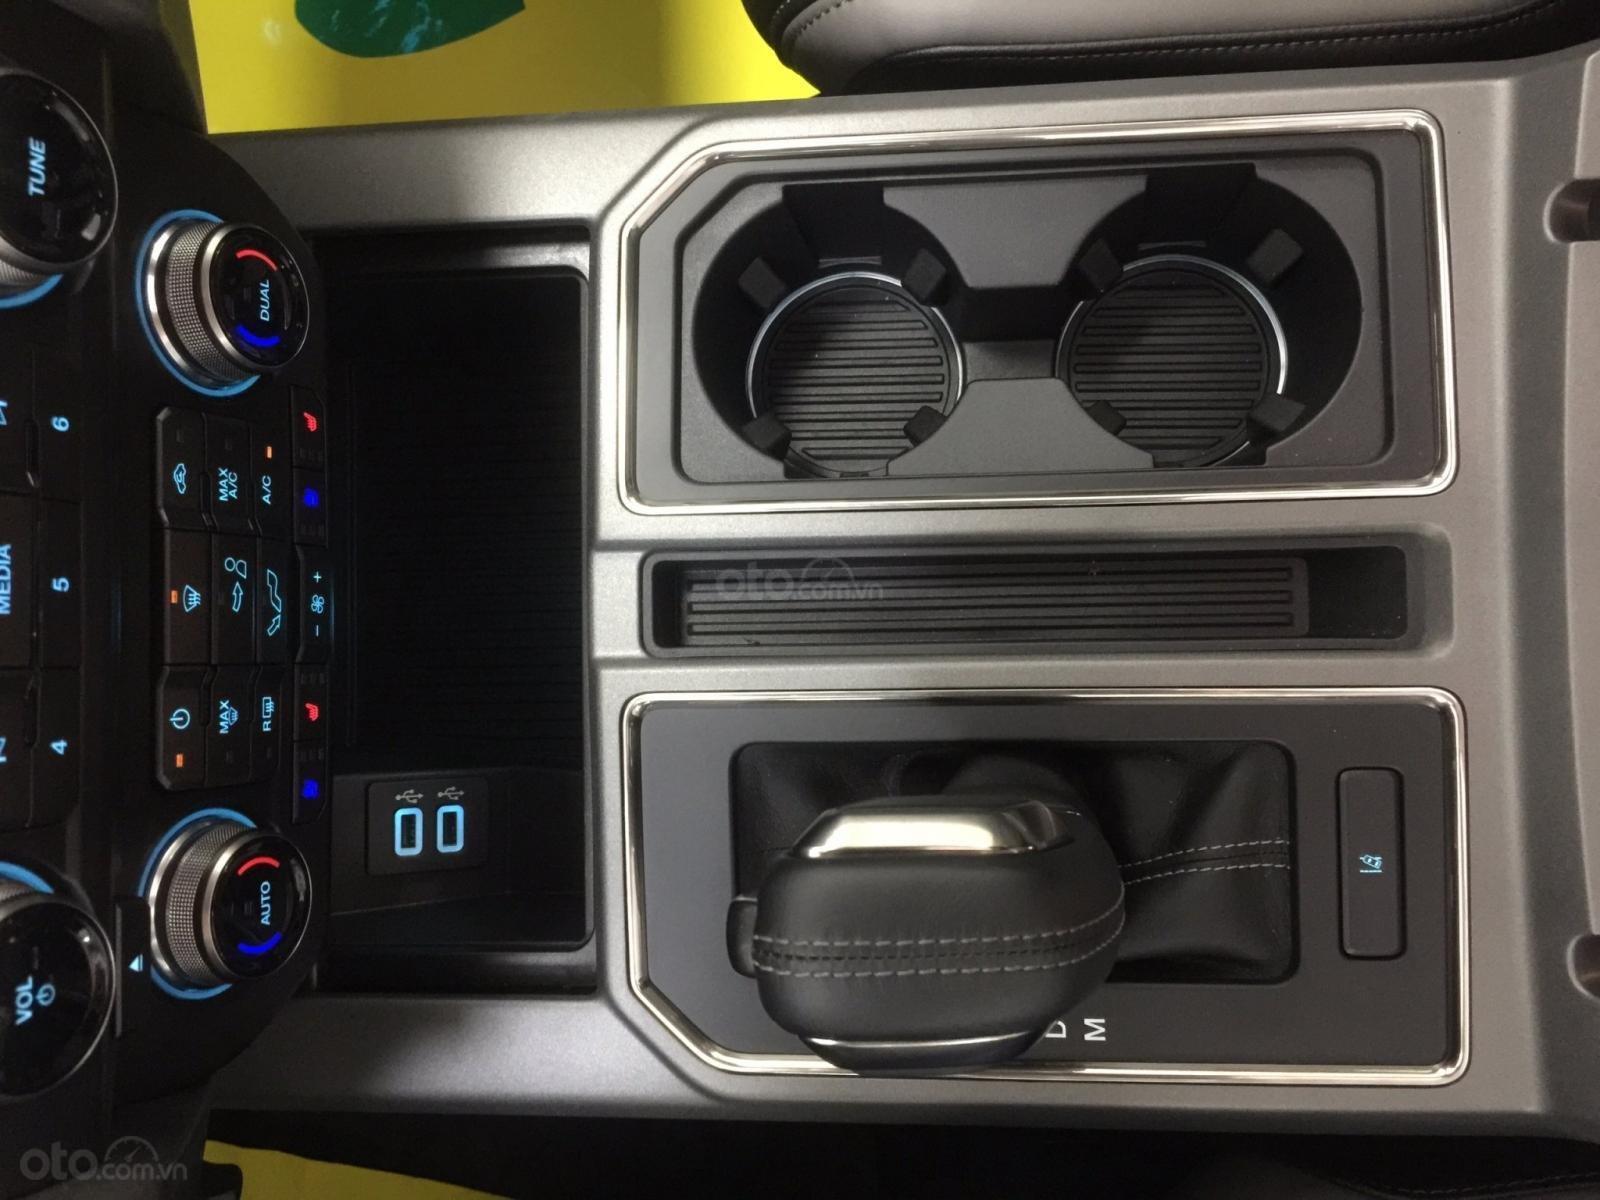 Bán siêu bán tải Ford F150 Raptor 2020, giá tốt giao ngay toàn quốc. LH Ms. Ngọc Vy 093.996.2368 (14)